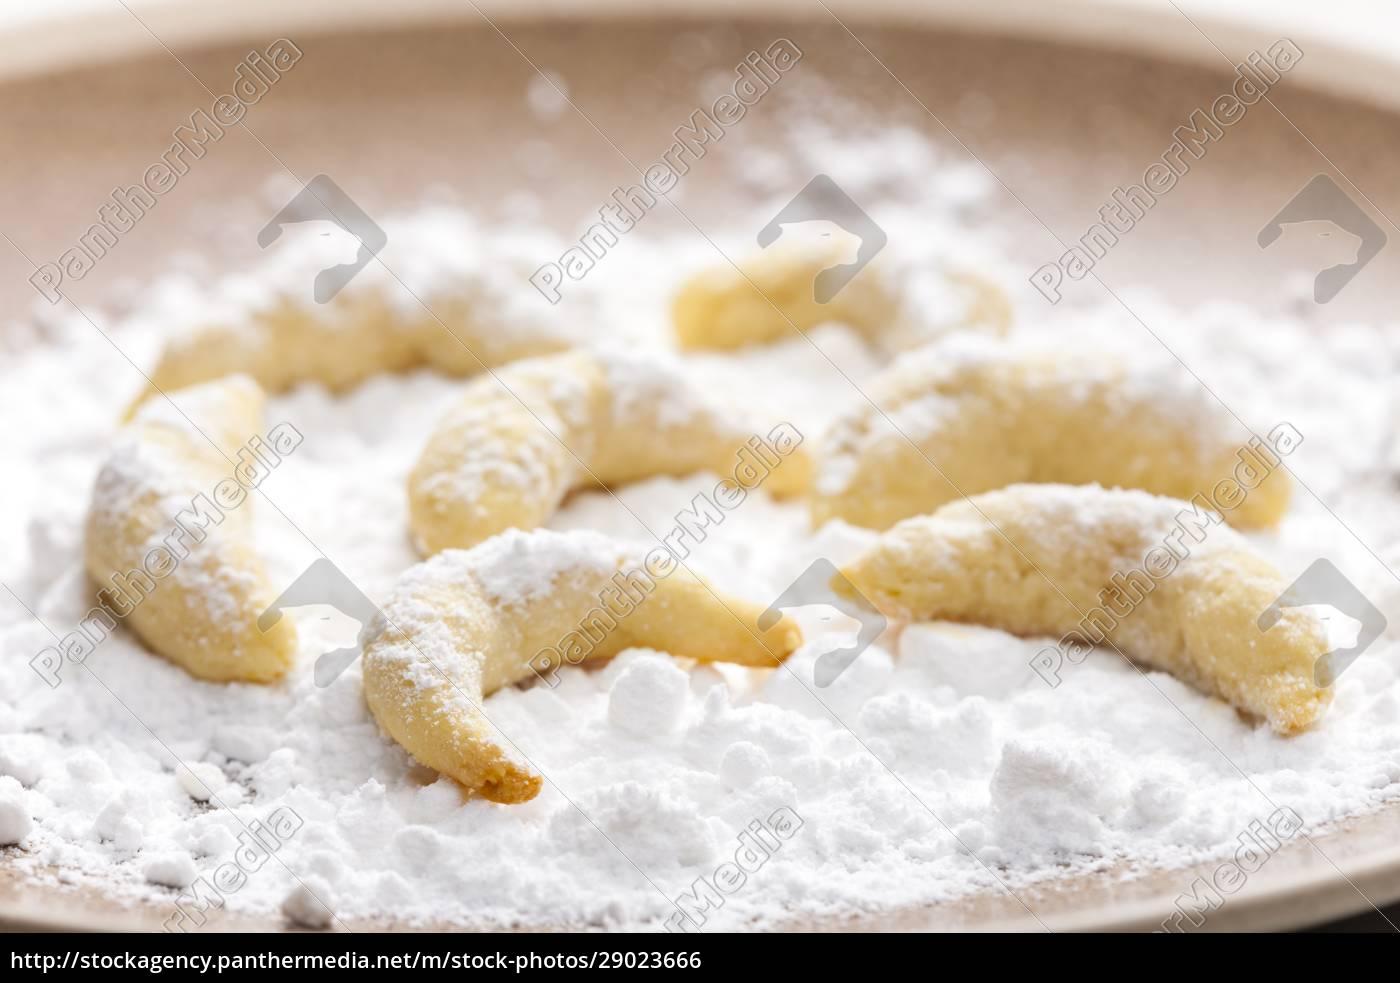 stillleben, von, weihnachts-vanille-keksen - 29023666